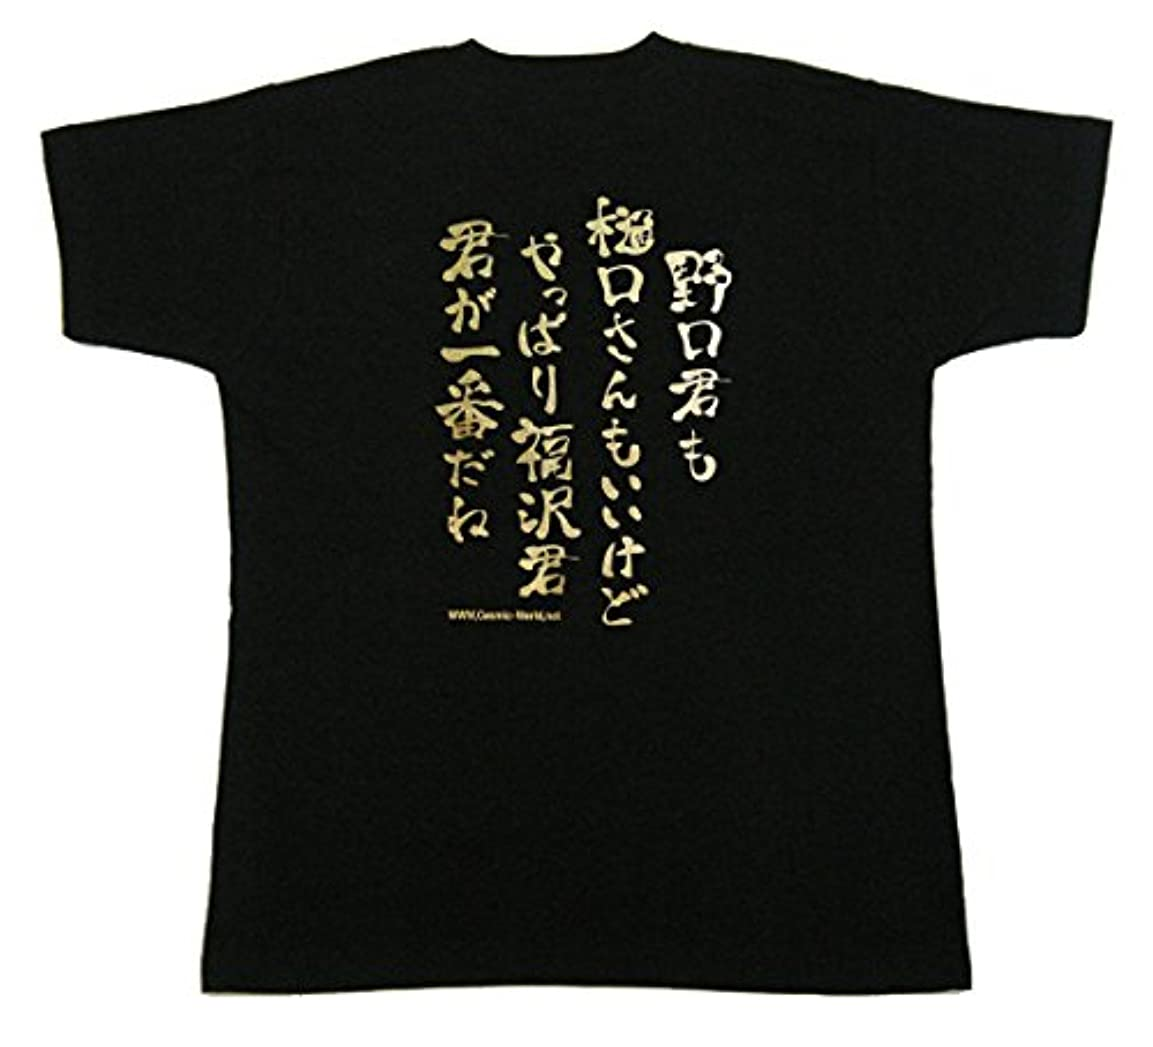 八志すマットレスCOSMIC おもしろTシャツ 文字 野口君も樋口さんもいいけどやっぱり福沢君、君が一番だね ブラック